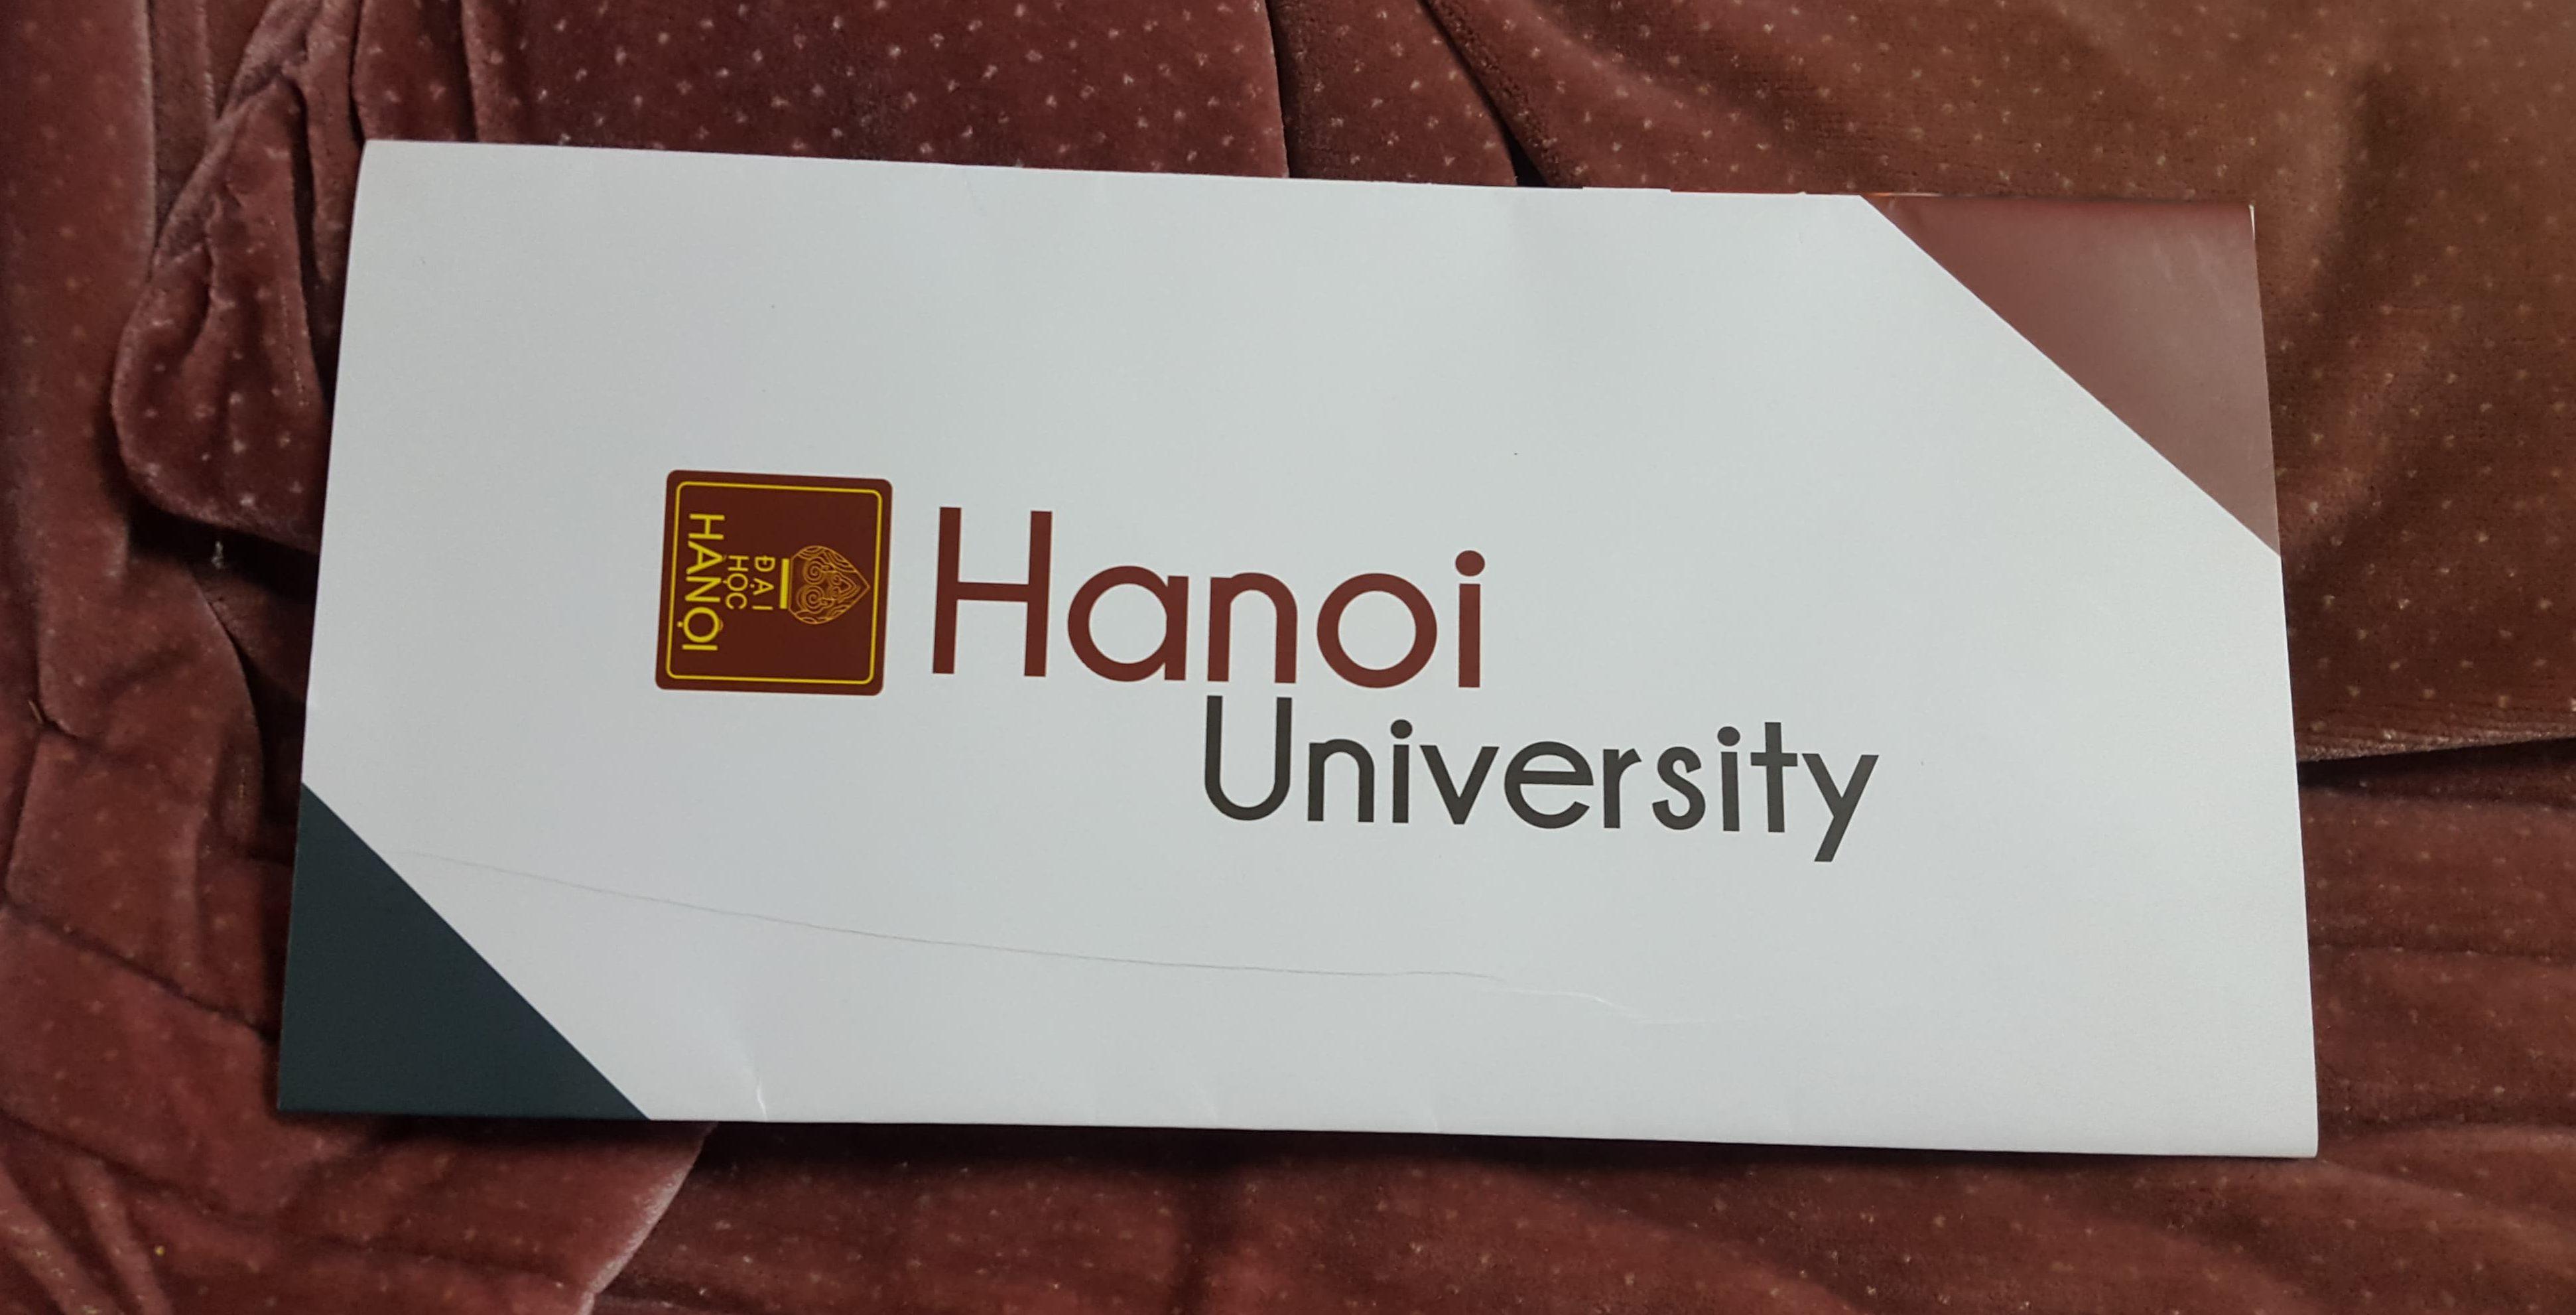 ハノイ大学に2年目の学費を支払ったので、1年目と費用を比較してみる